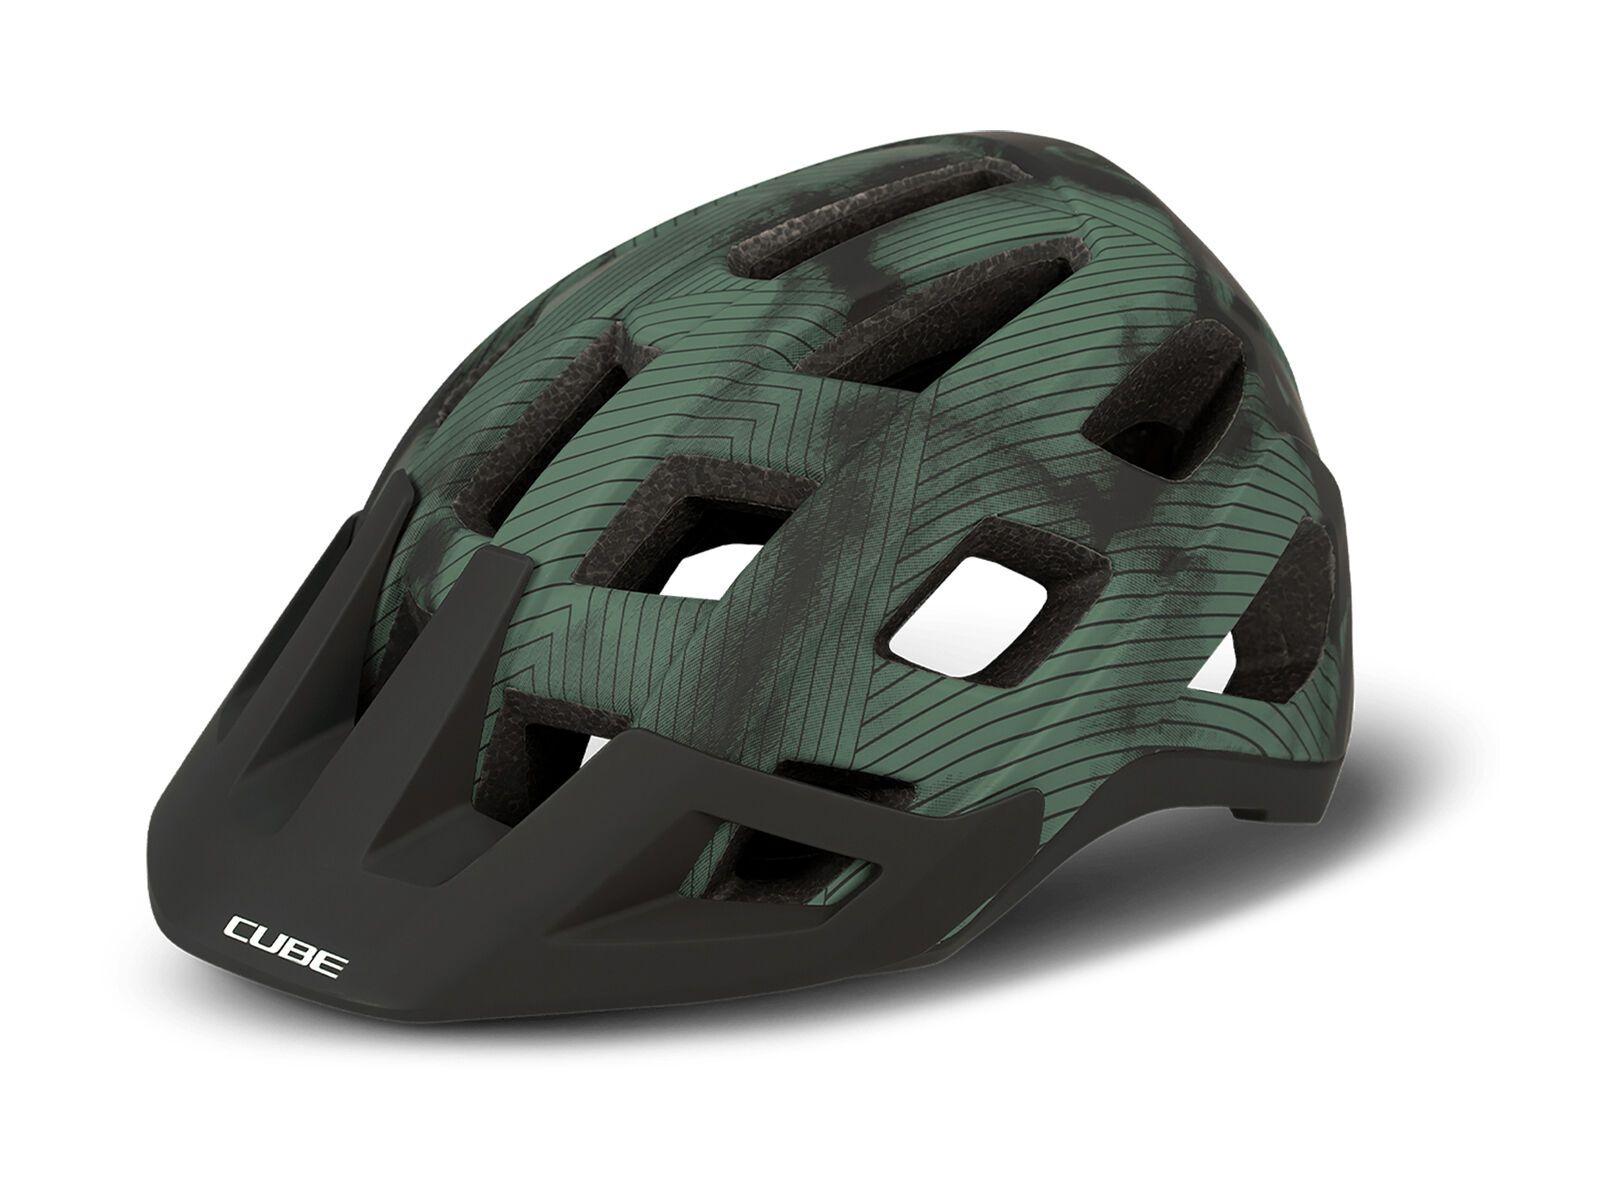 Cube Helm Badger green M // 56-59 cm 162430287